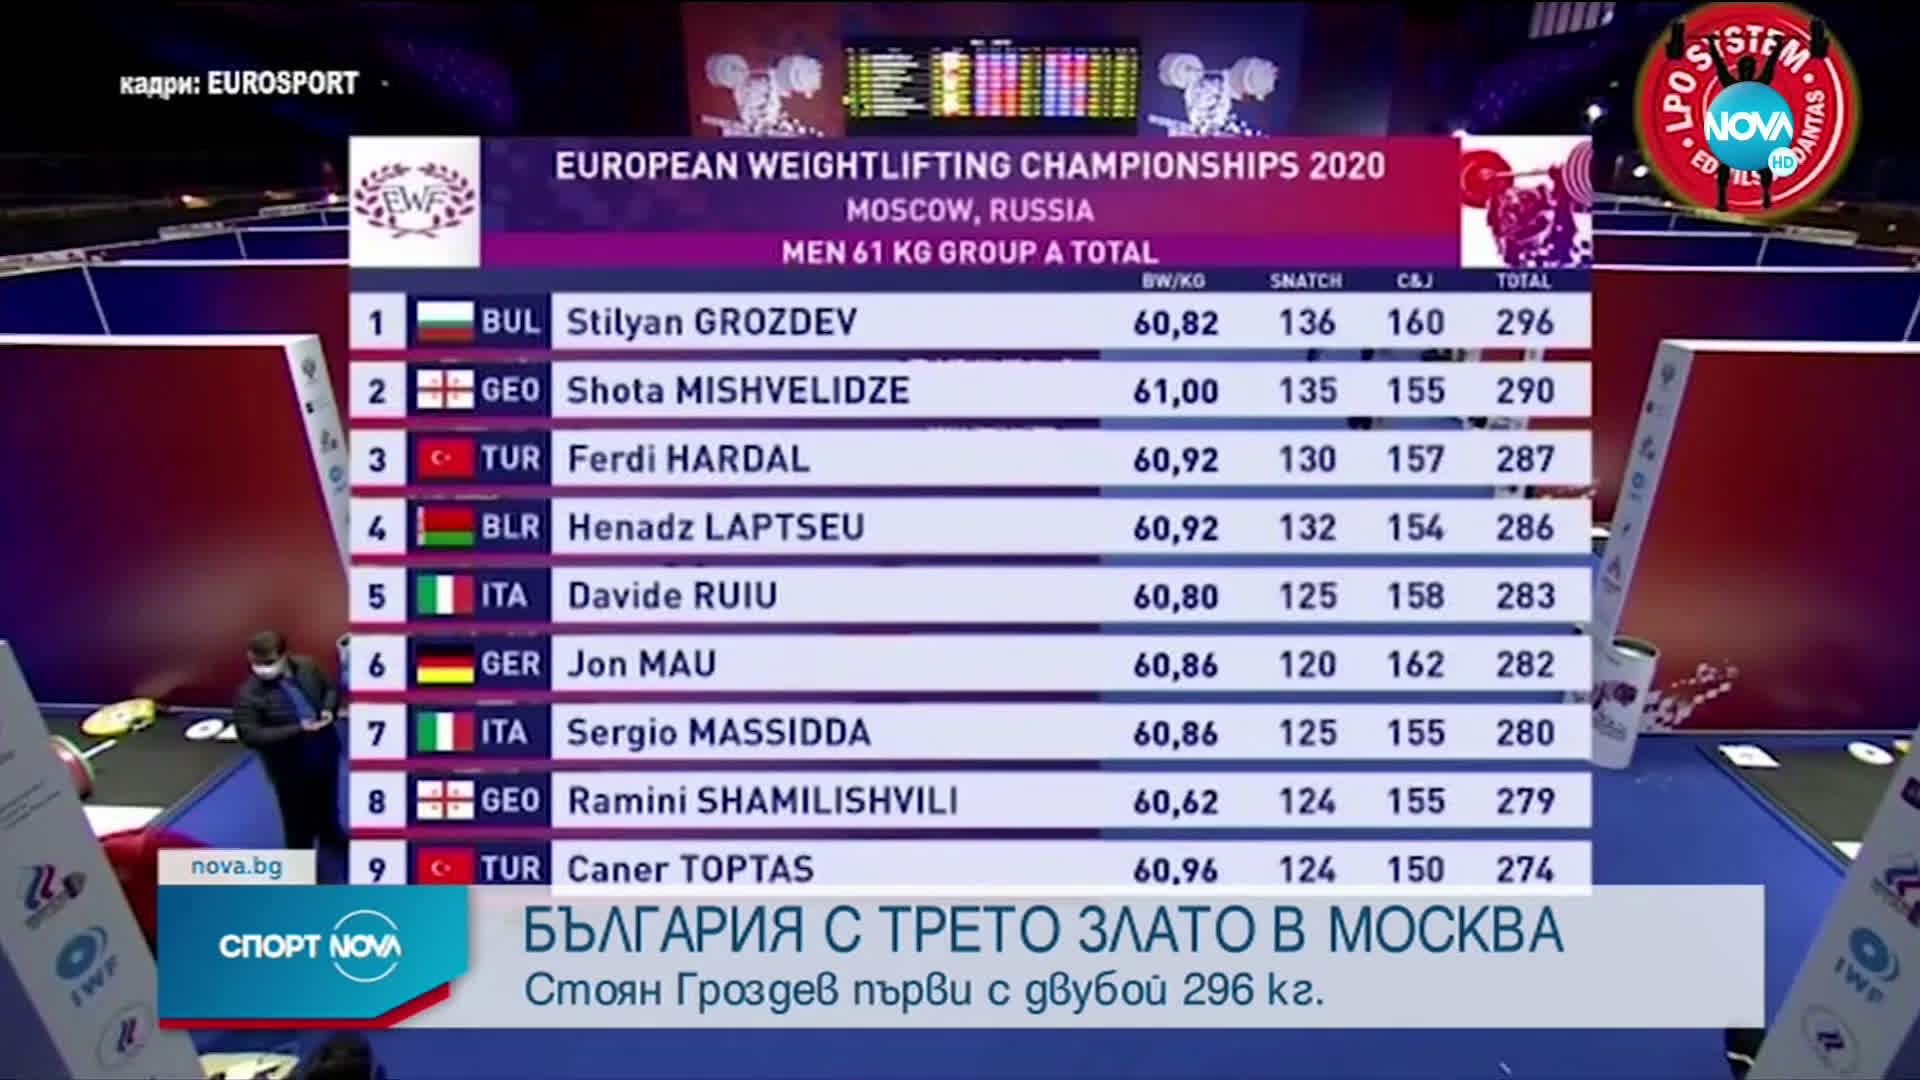 България с трето злато в Москва